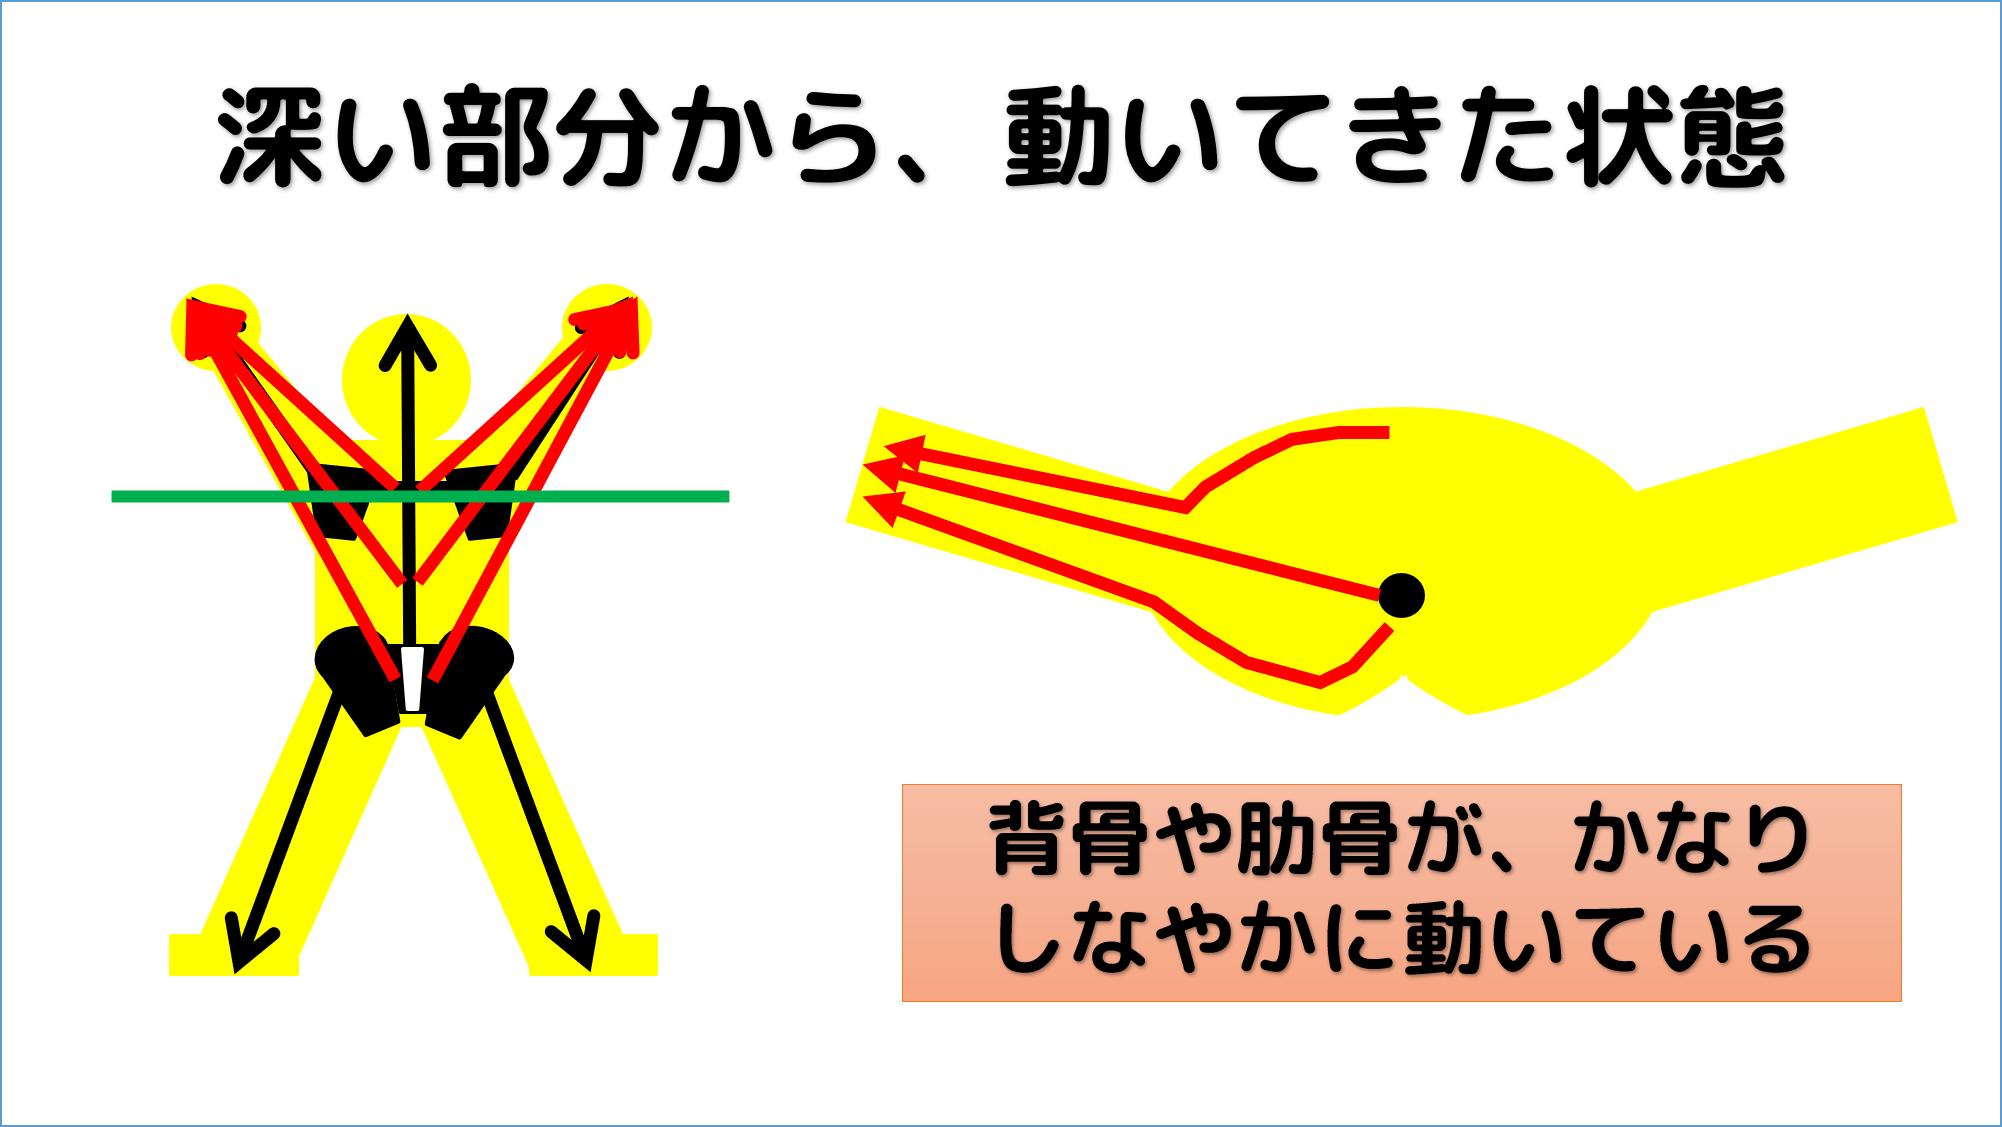 腕と体幹の連動性が出てくる様子を順を追って見ていく